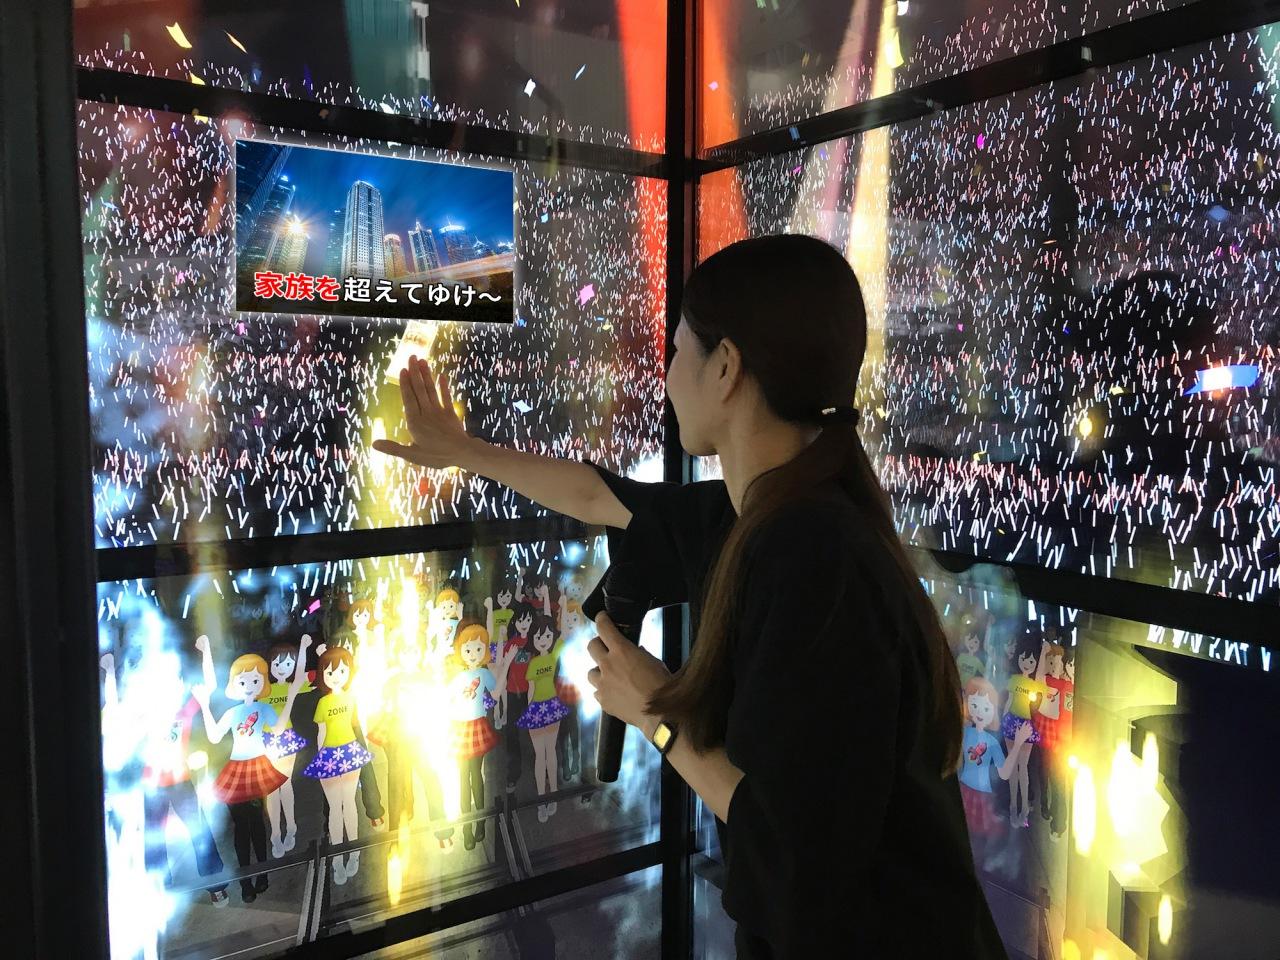 360°の映像と音に包まれて熱唱「超感覚カラオケ」リリース